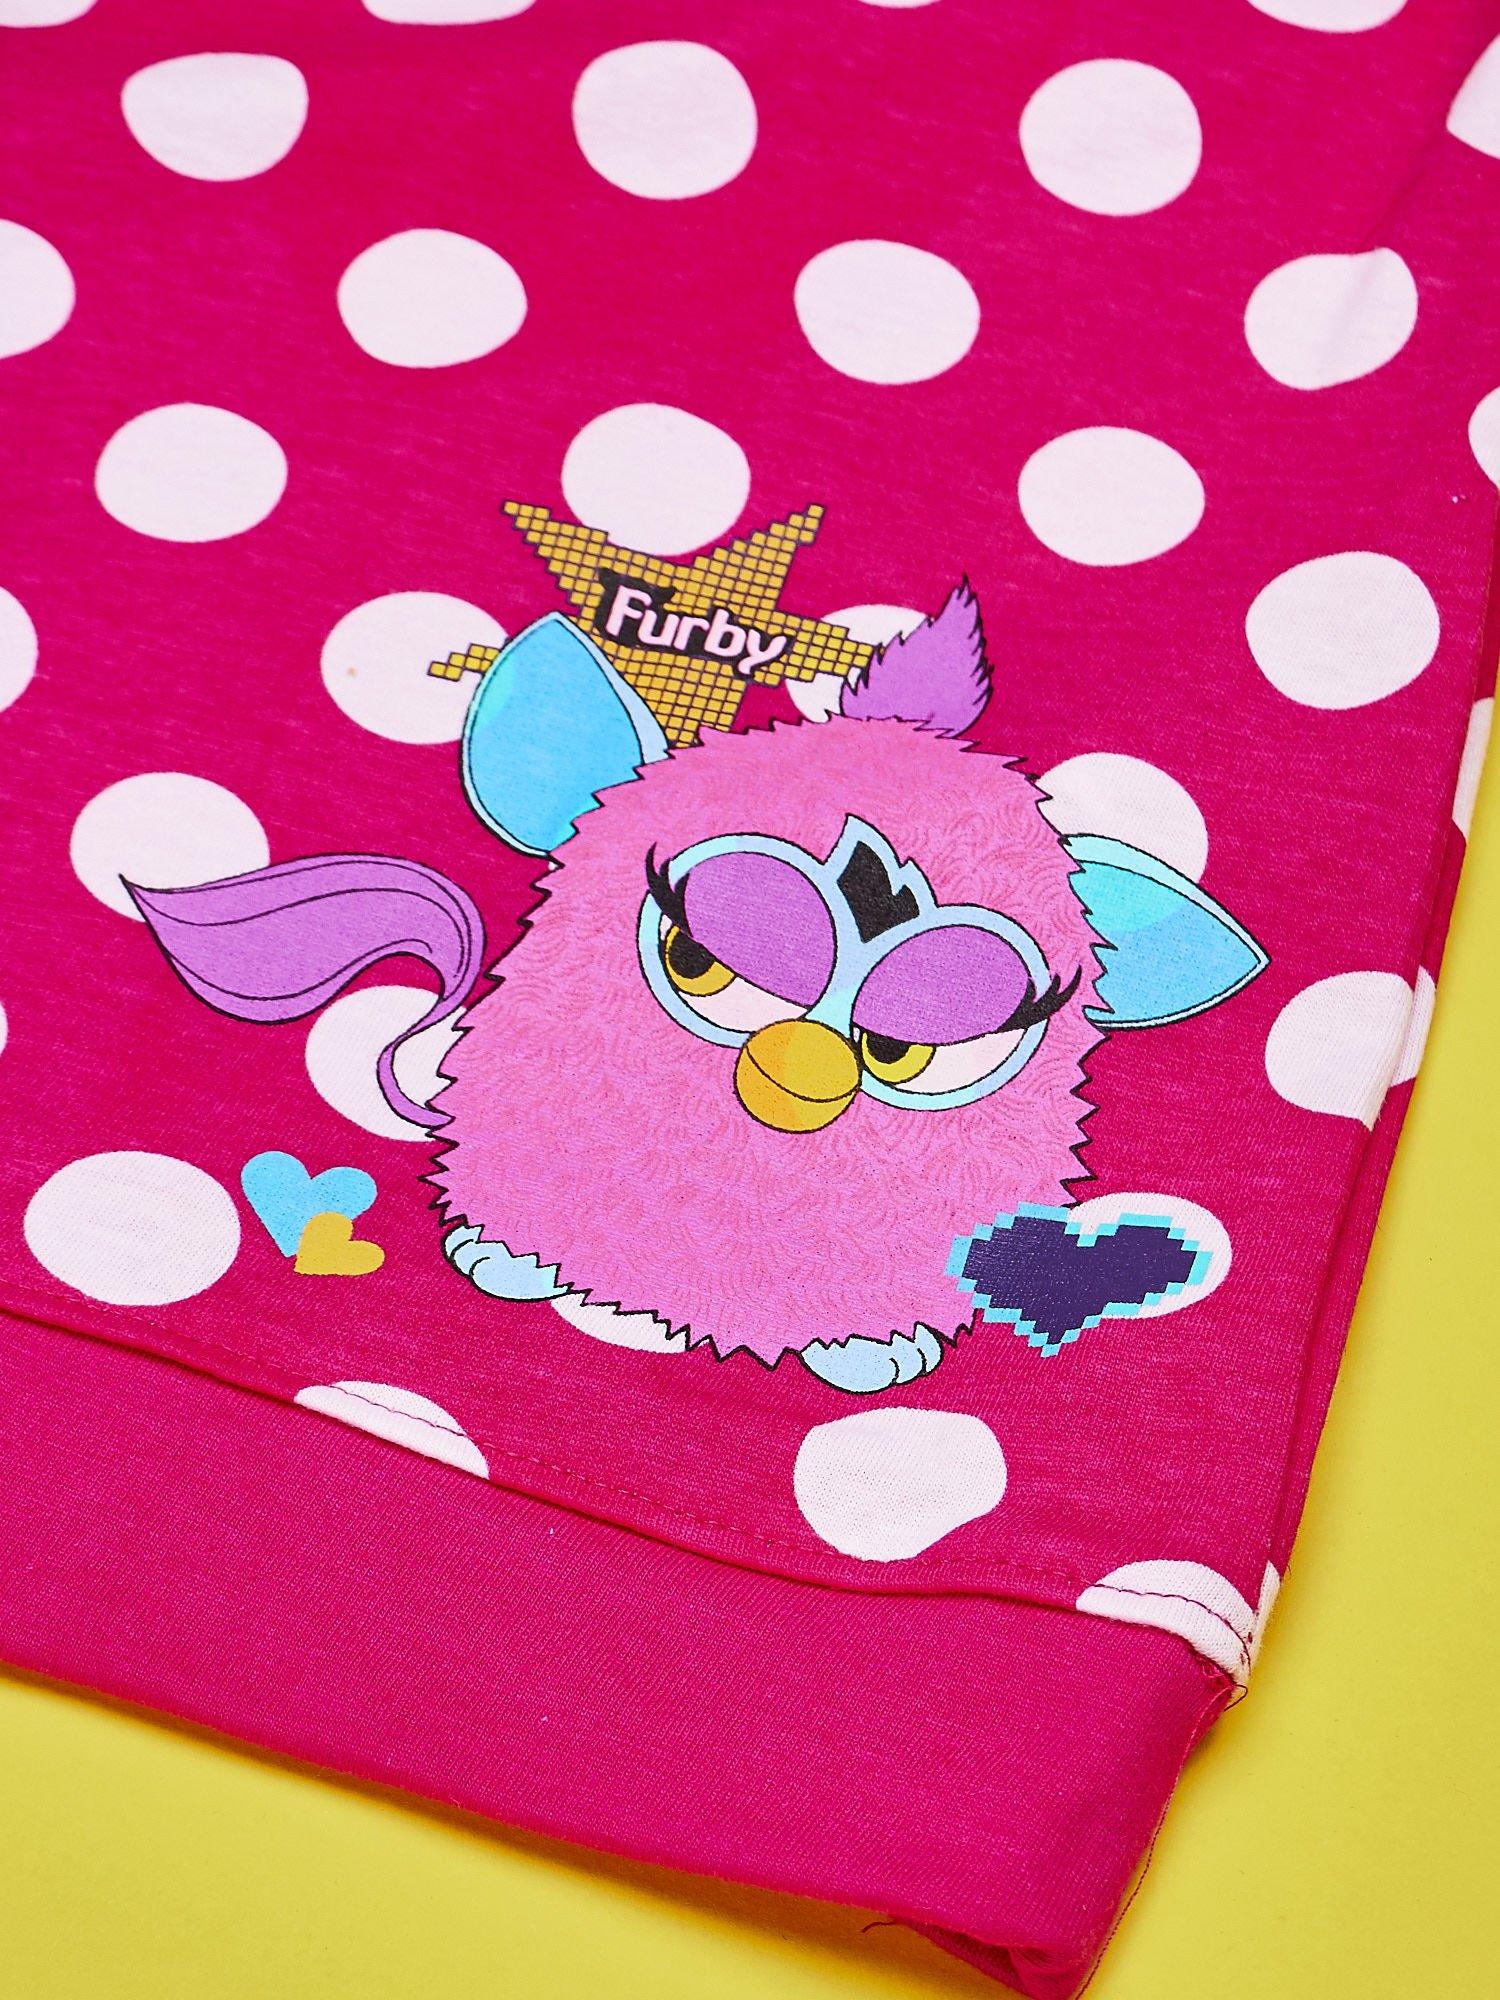 5d6345ceee Fuksjowa sukienka w groszki dla dziewczynki FURBY - Dziecko ...